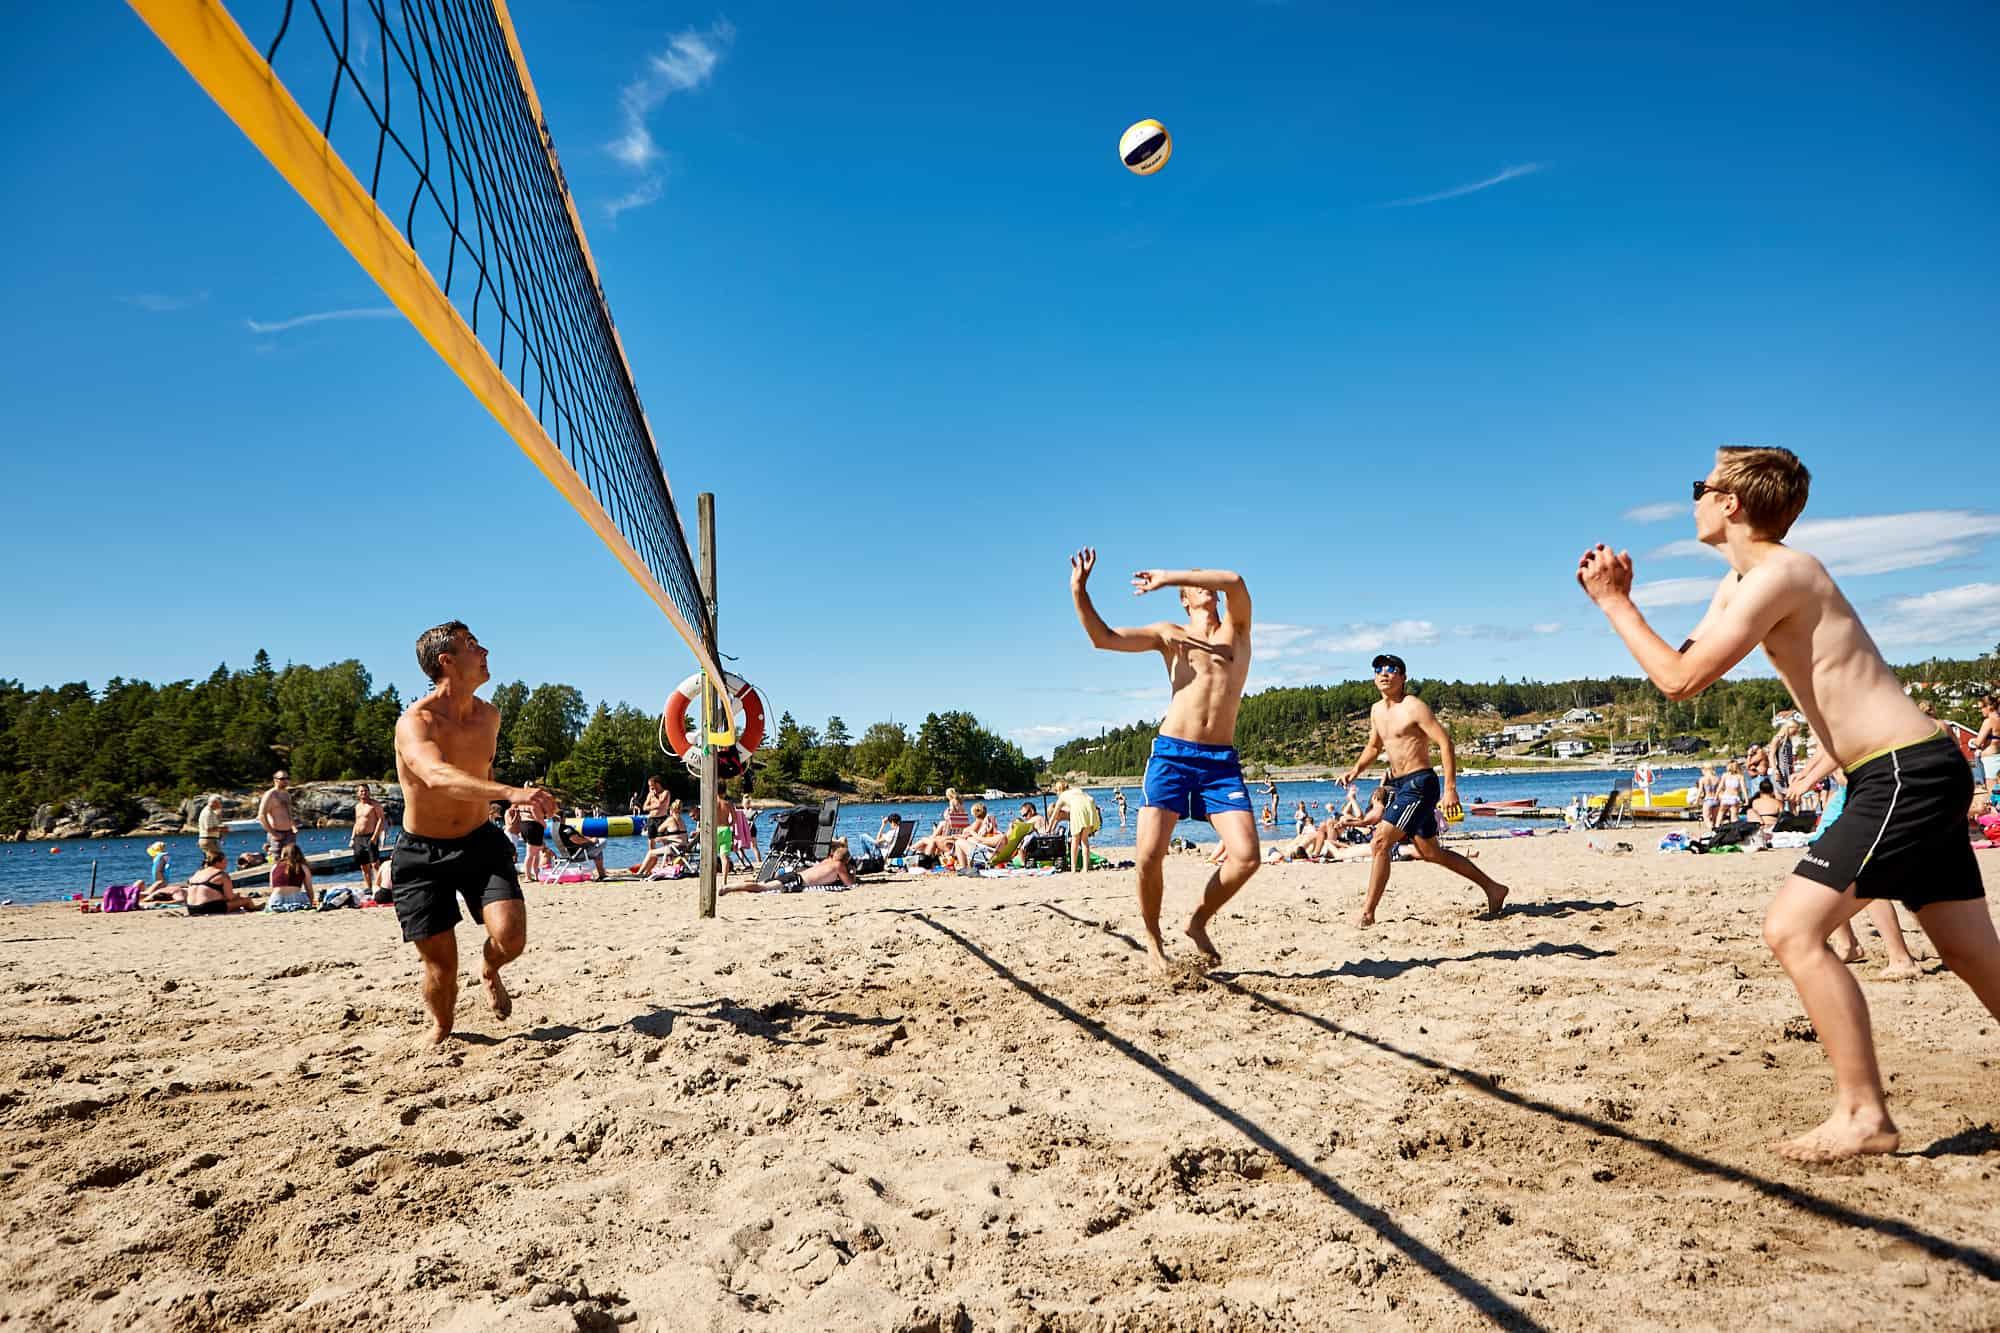 fyra personer spelar volleyboll.